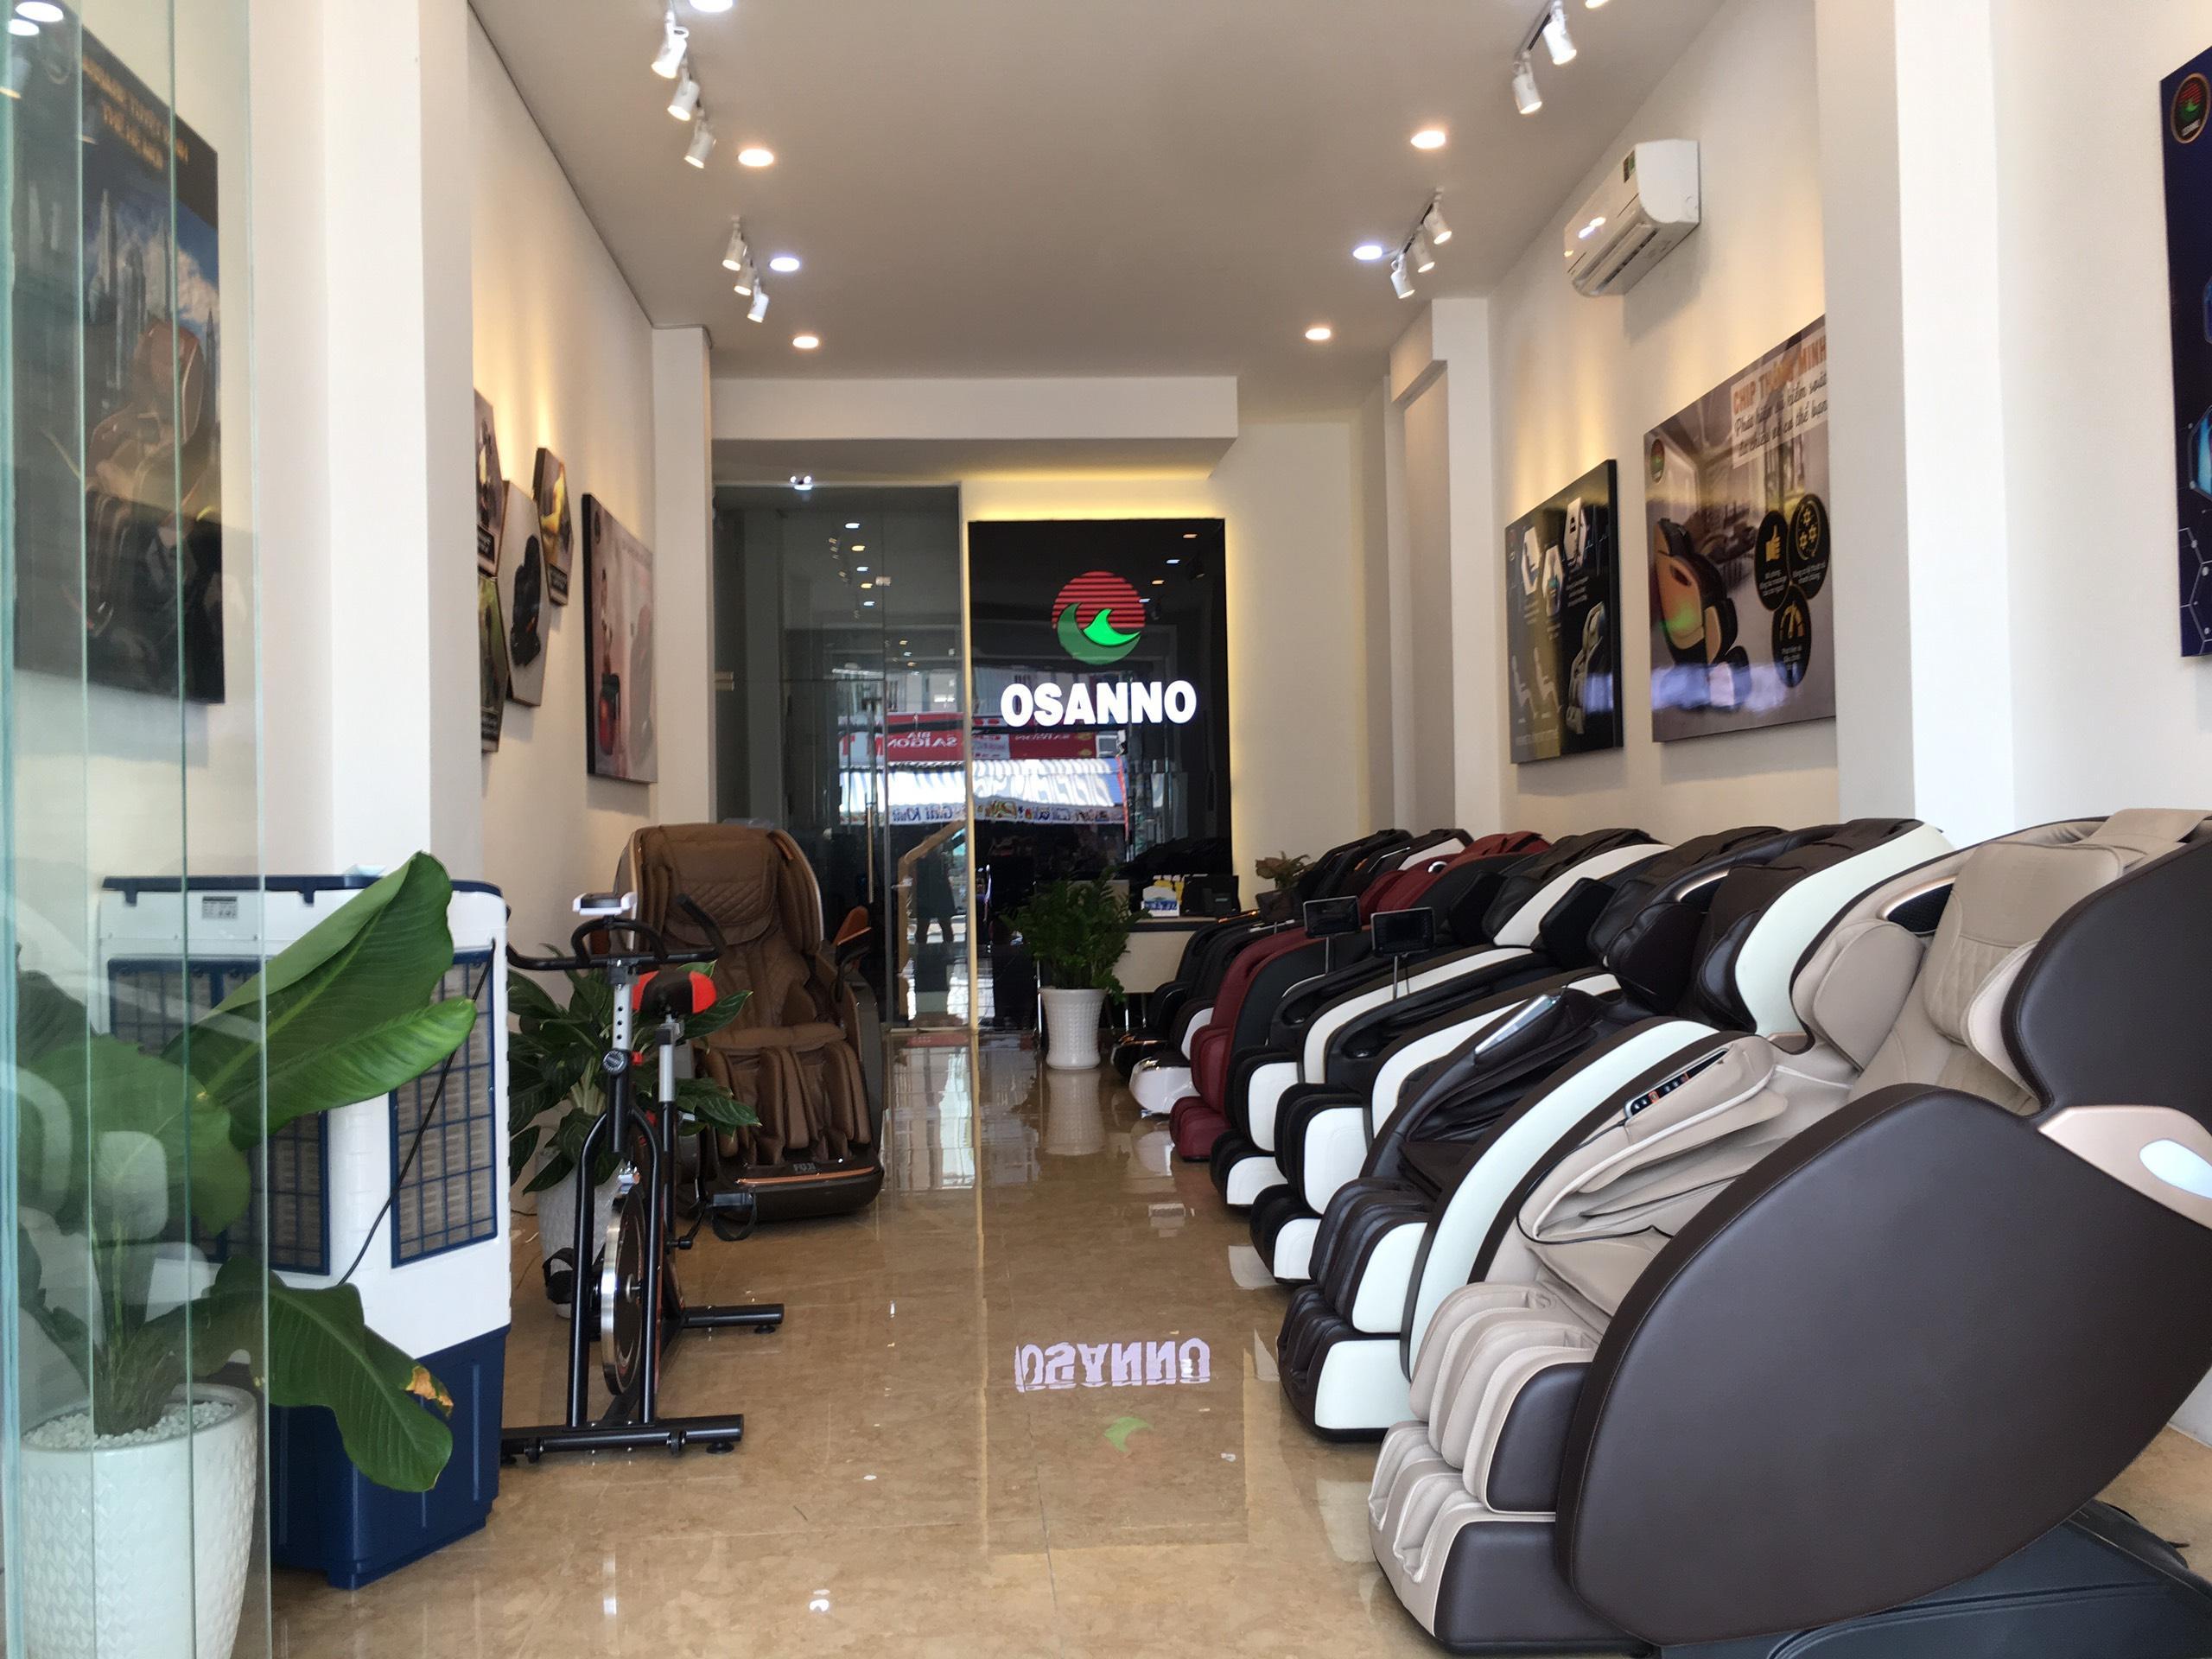 các loại máy massage hồng ngoại ở Osanno